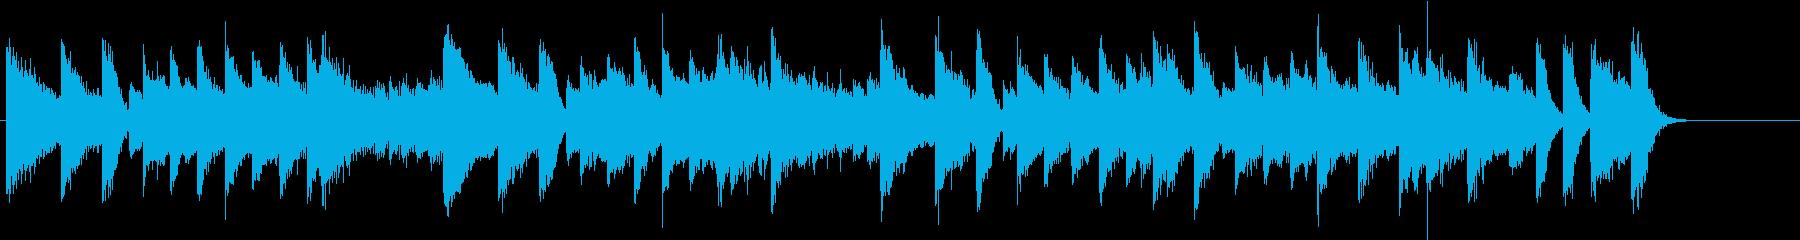 昭和歌謡風の甘酸っぱい青春ピアノジングルの再生済みの波形